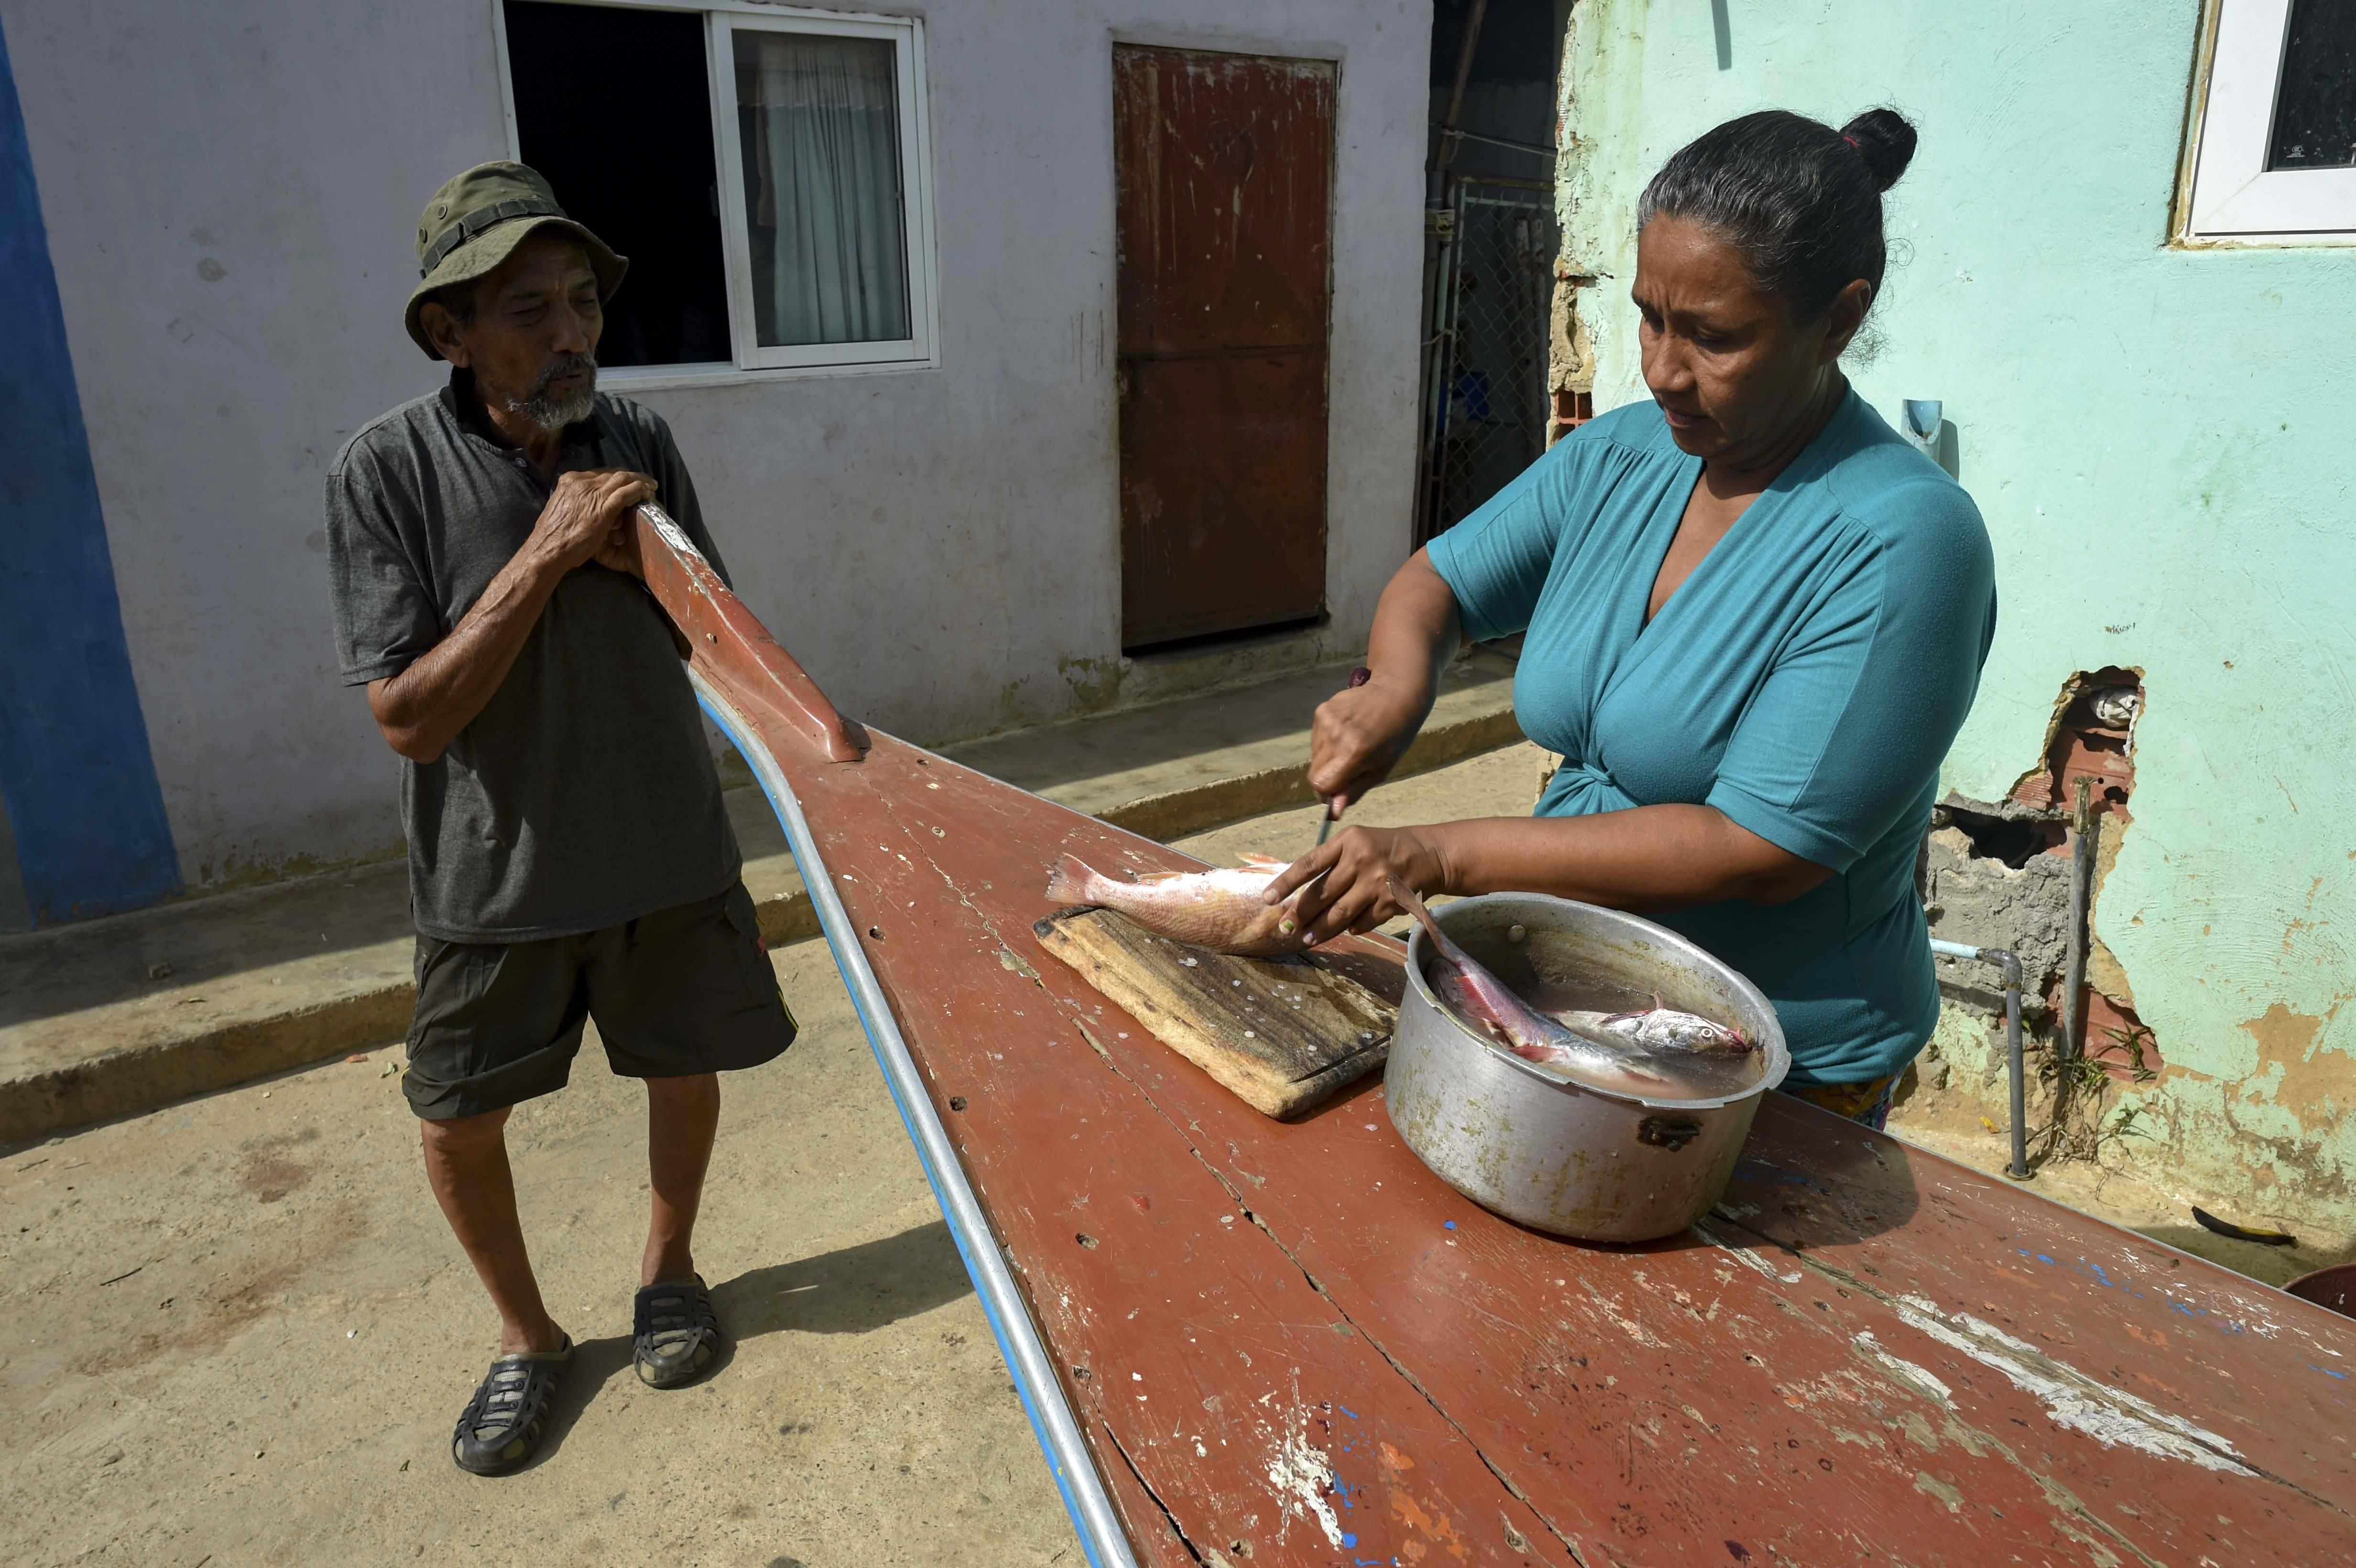 Uma mulher limpa um peixe extraído do poluído Lago Maracaibo | Foto: YURI CORTEZ / AFP